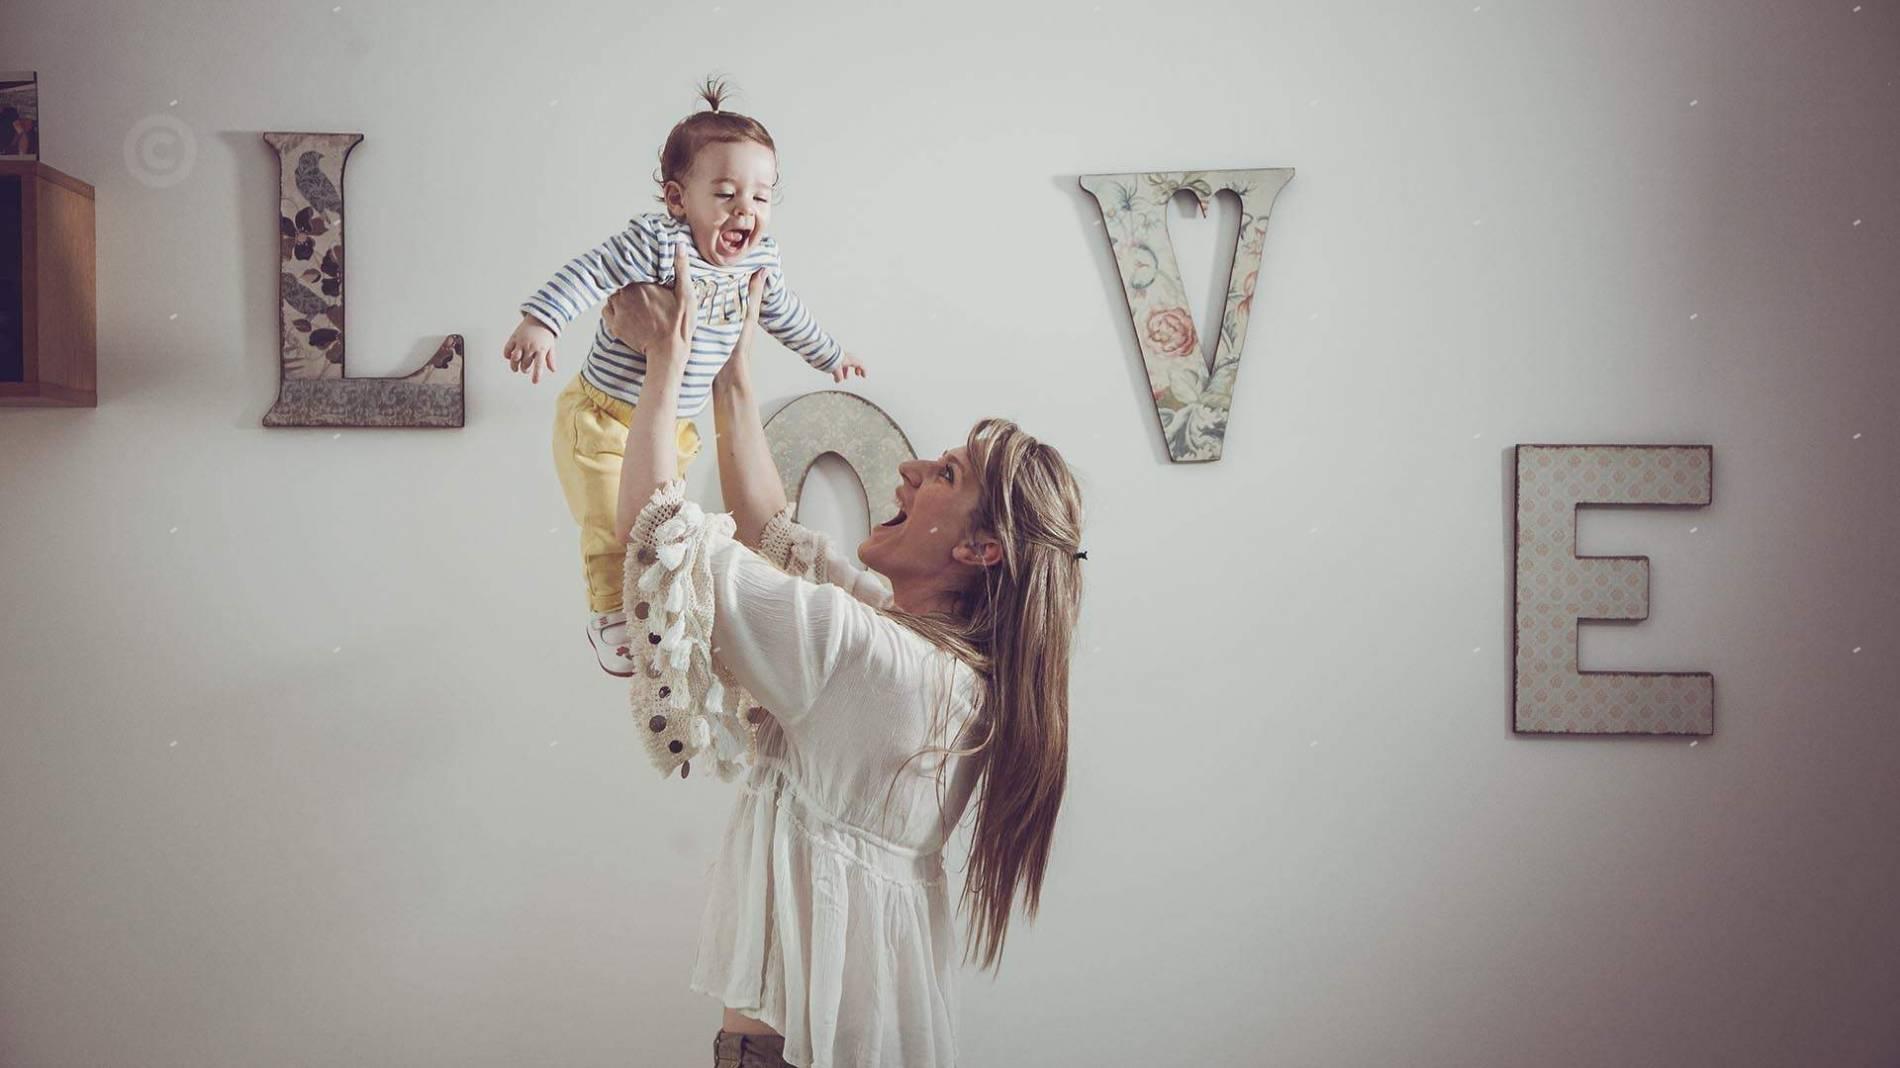 οικογενειακές φωτογραφίες στο Φλοίσβο | family photoshooting